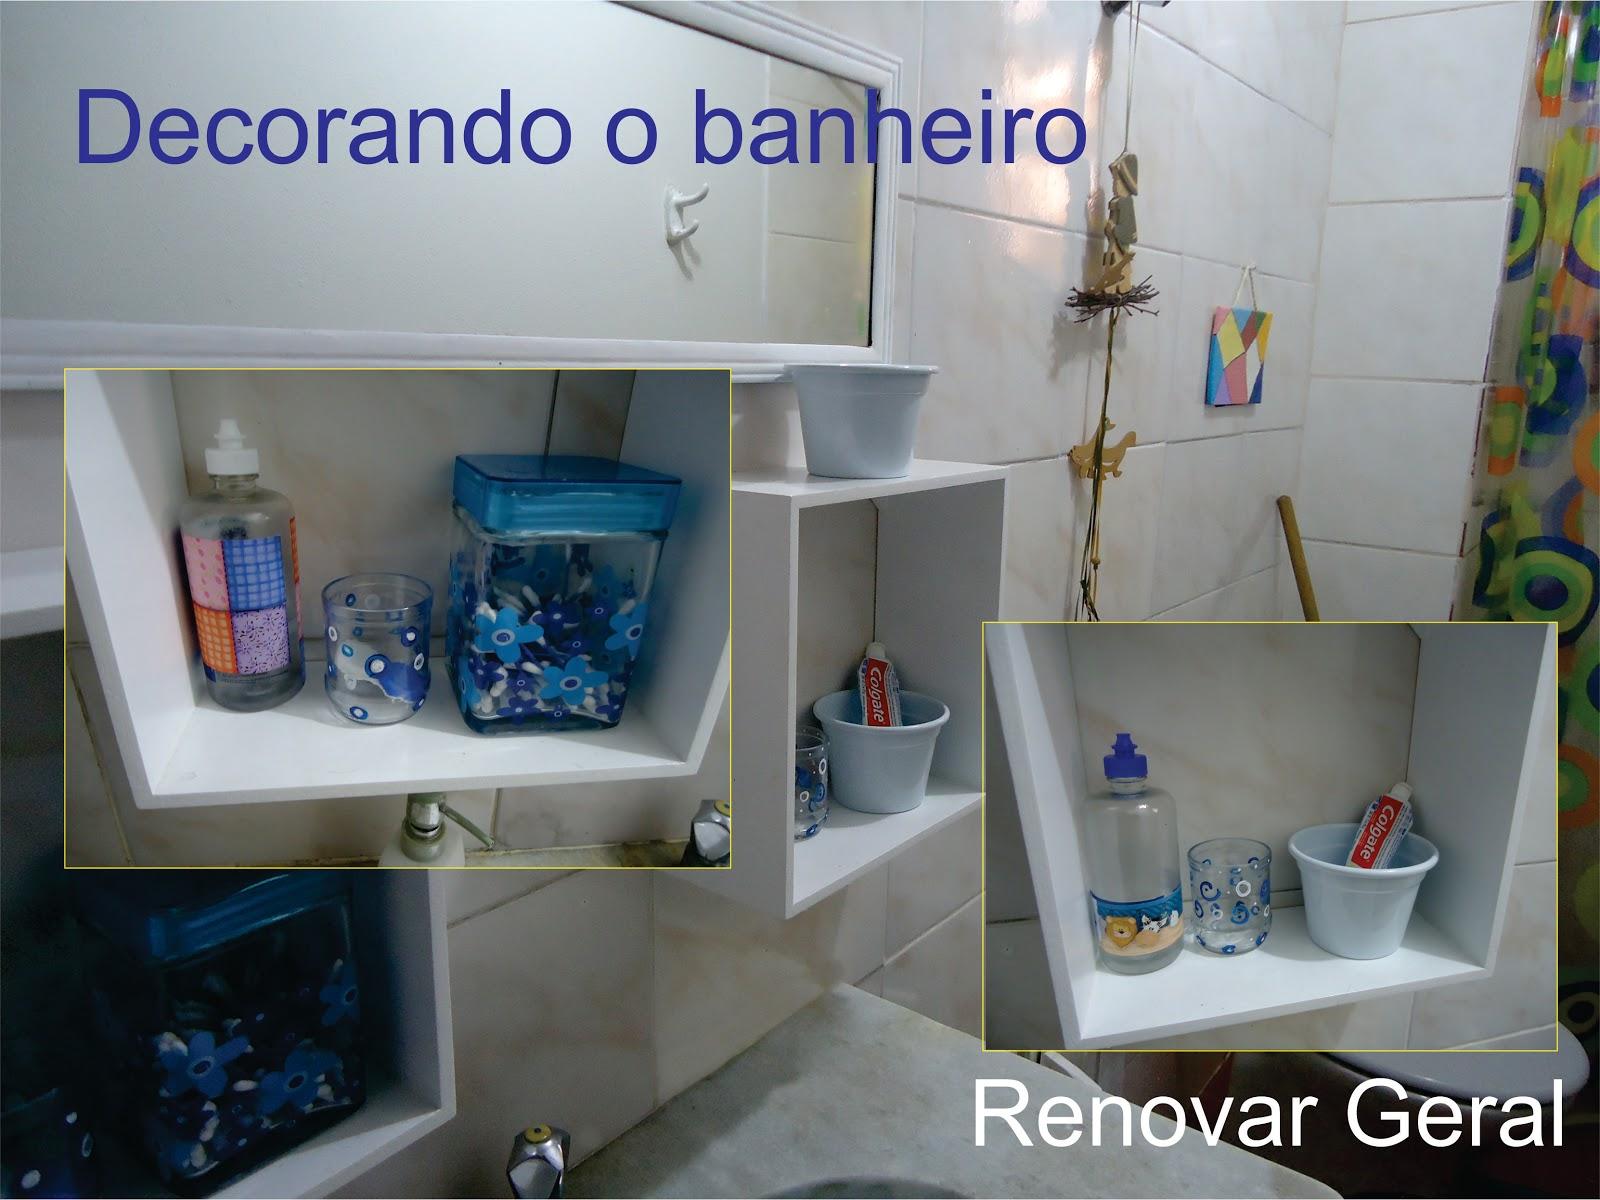 Renovar Geral: Decorando o banheiro antigo #2D416E 1600x1200 Armario Banheiro Antigo